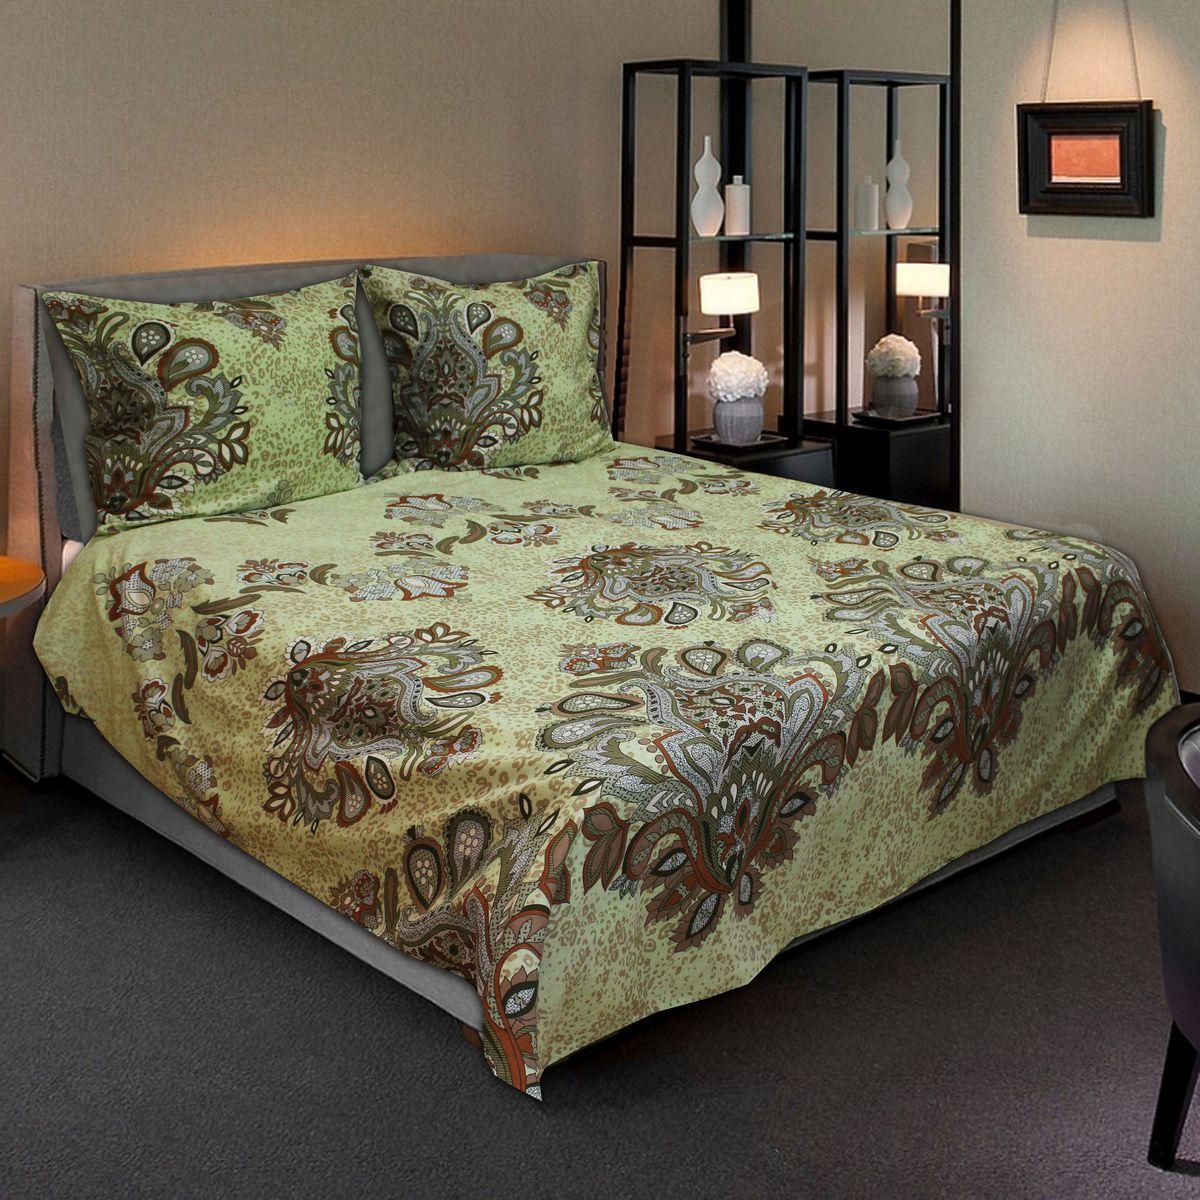 Комплект белья Amore Mio Decor, 2-спальный, наволочки 70х70CA-3505Комплект постельного белья Amore Mio является экологически безопасным для всей семьи, так как выполнен из бязи (100% хлопок). Постельное белье оформлено оригинальным рисунком и имеет изысканный внешний вид.Легкая, плотная, мягкая ткань отлично стирается, гладится, быстро сохнет. Комплект состоит из пододеяльника, простыни и двух наволочек.